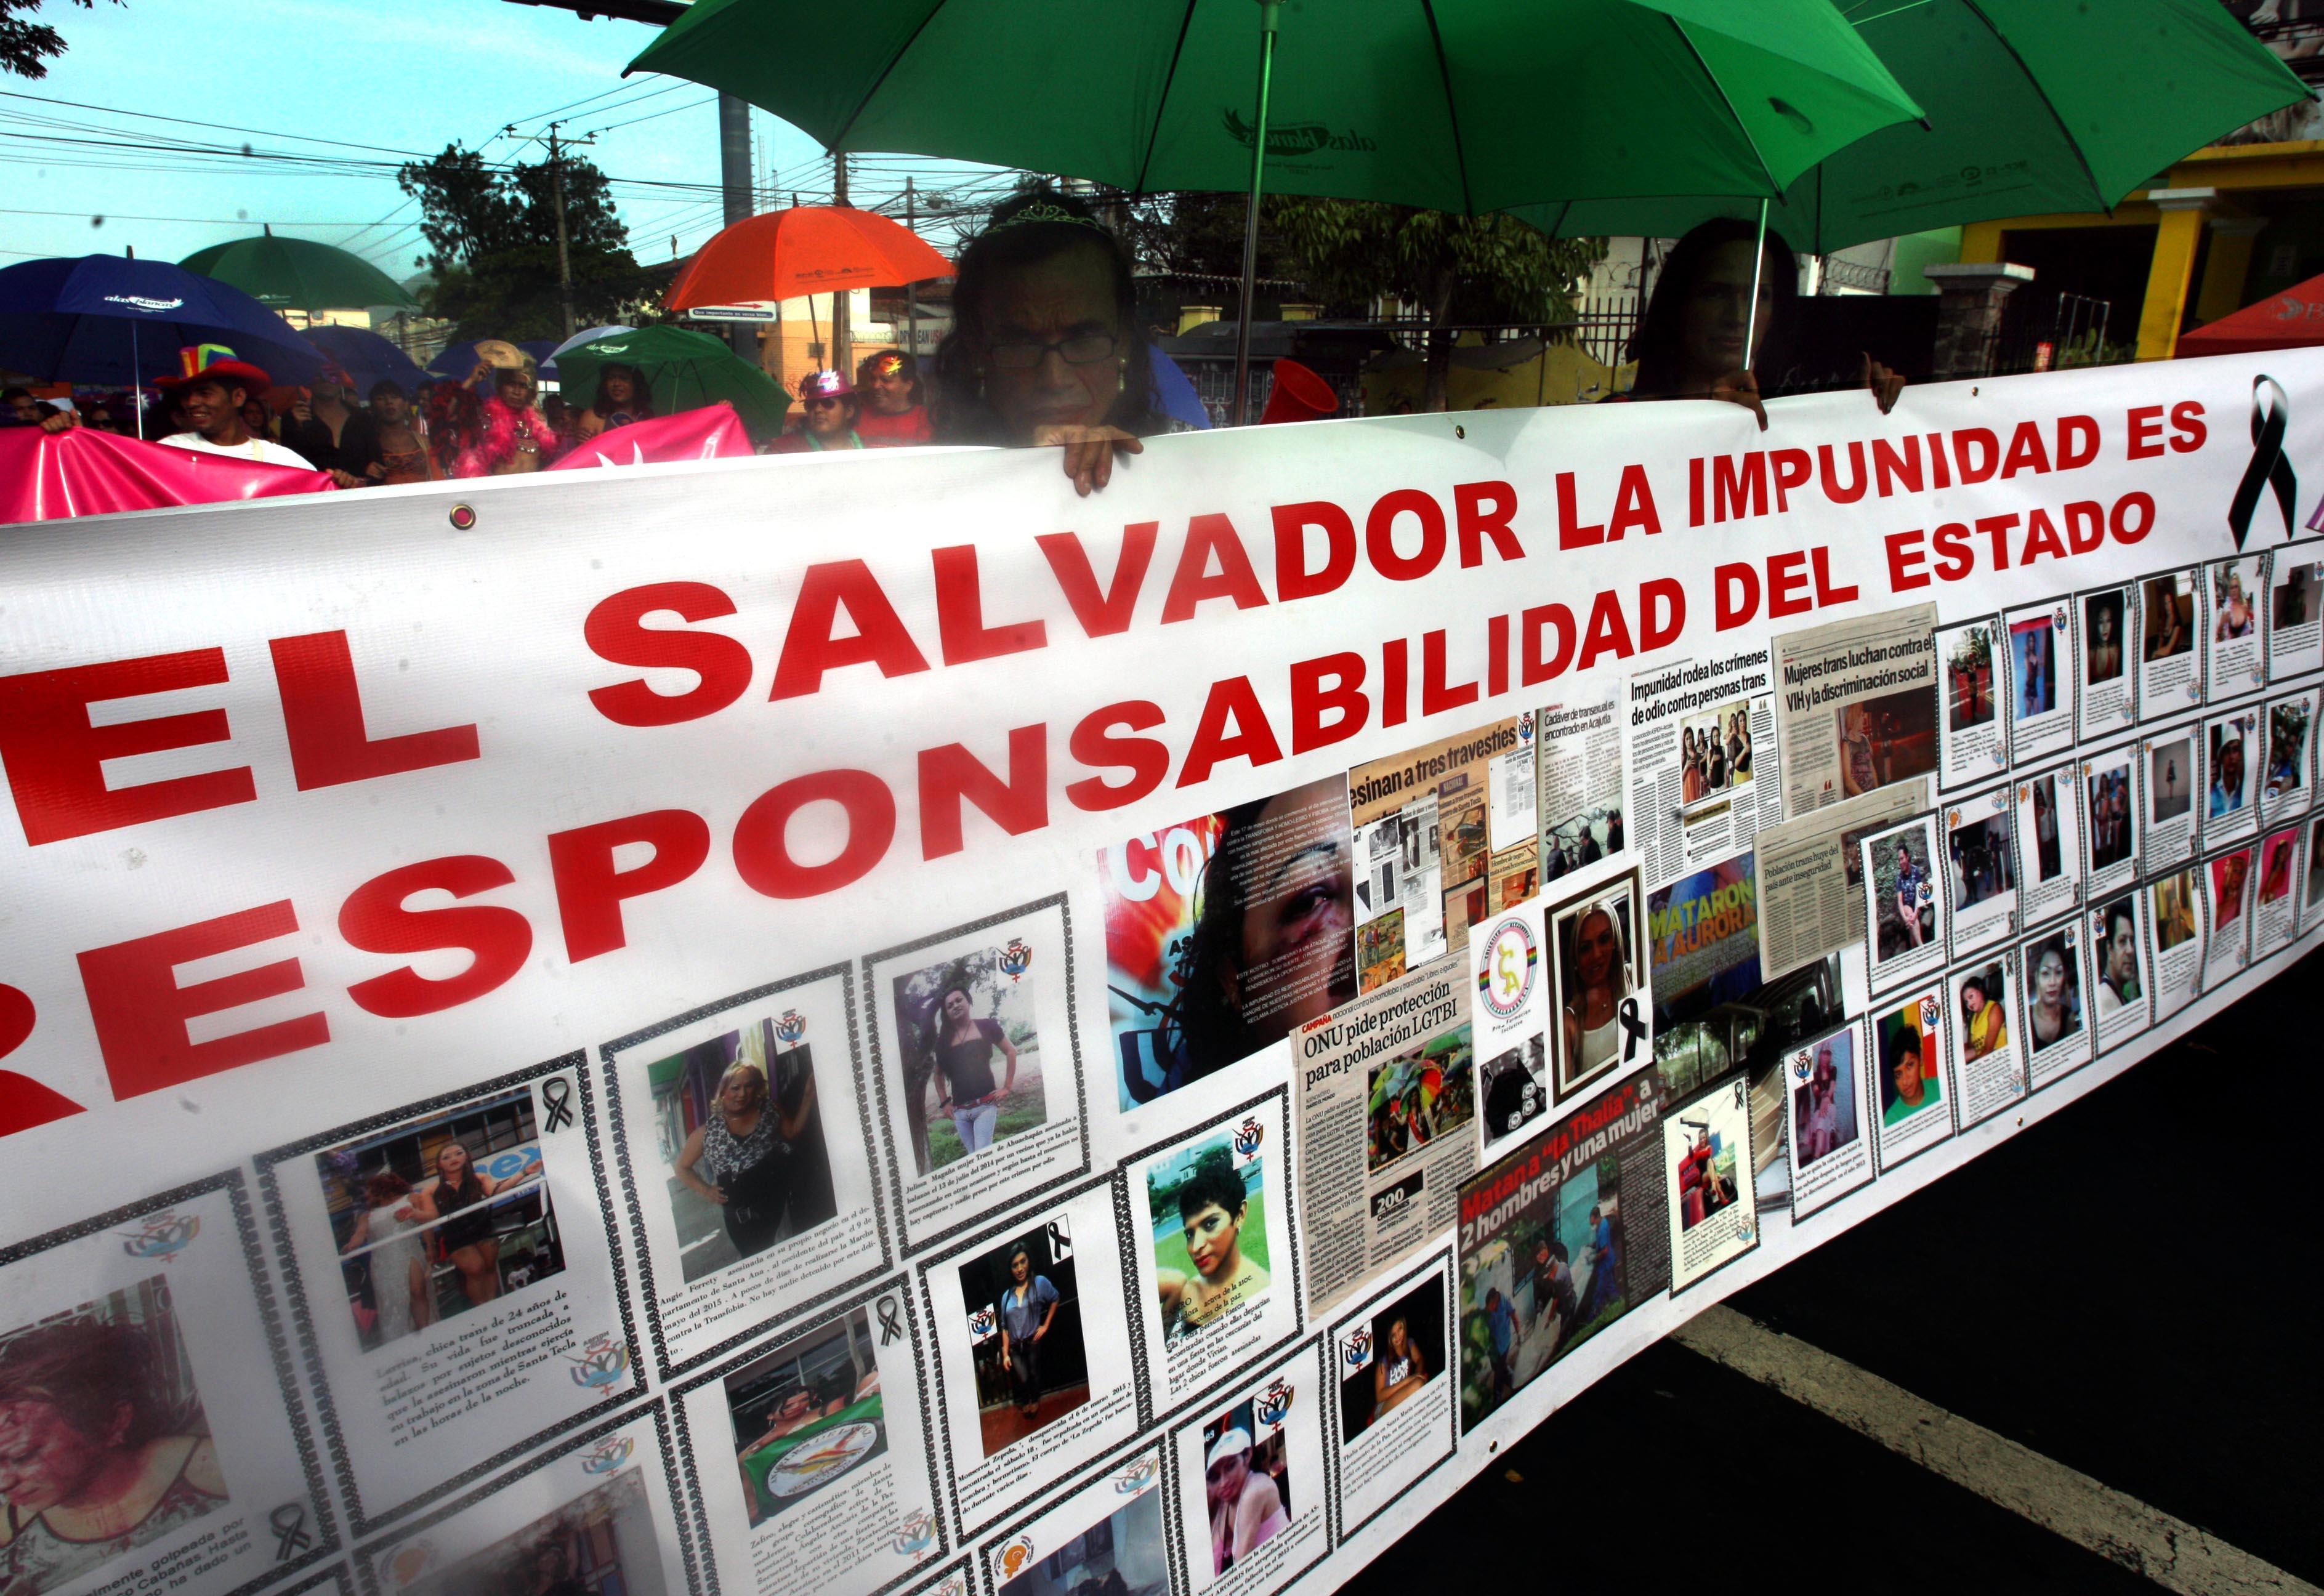 El Salvador vuelve a la CIDH por impunidad en crímenes contra población LGBTI